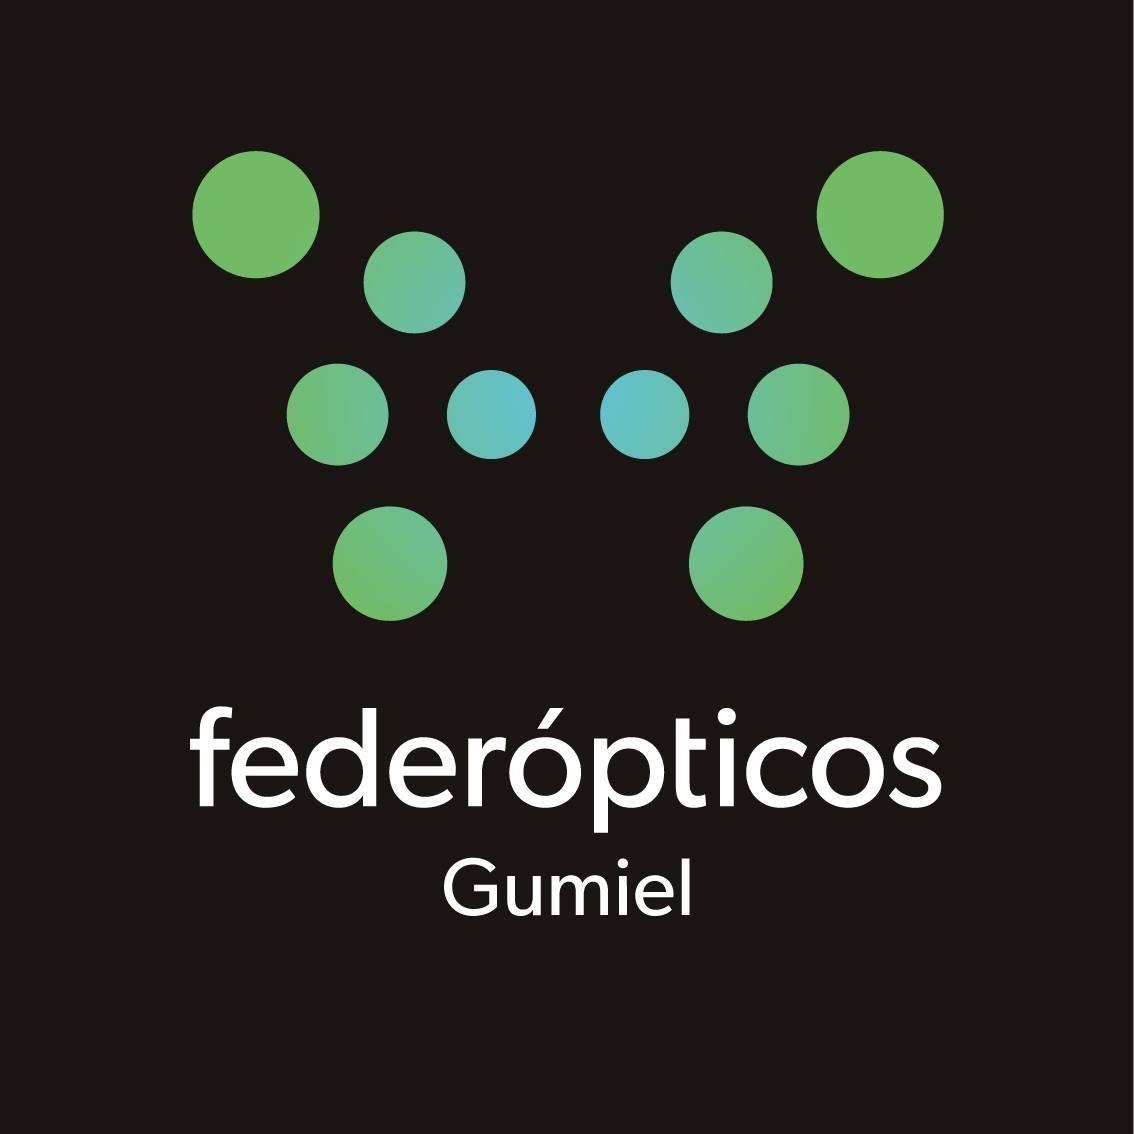 Federópticos Gumiel Logo